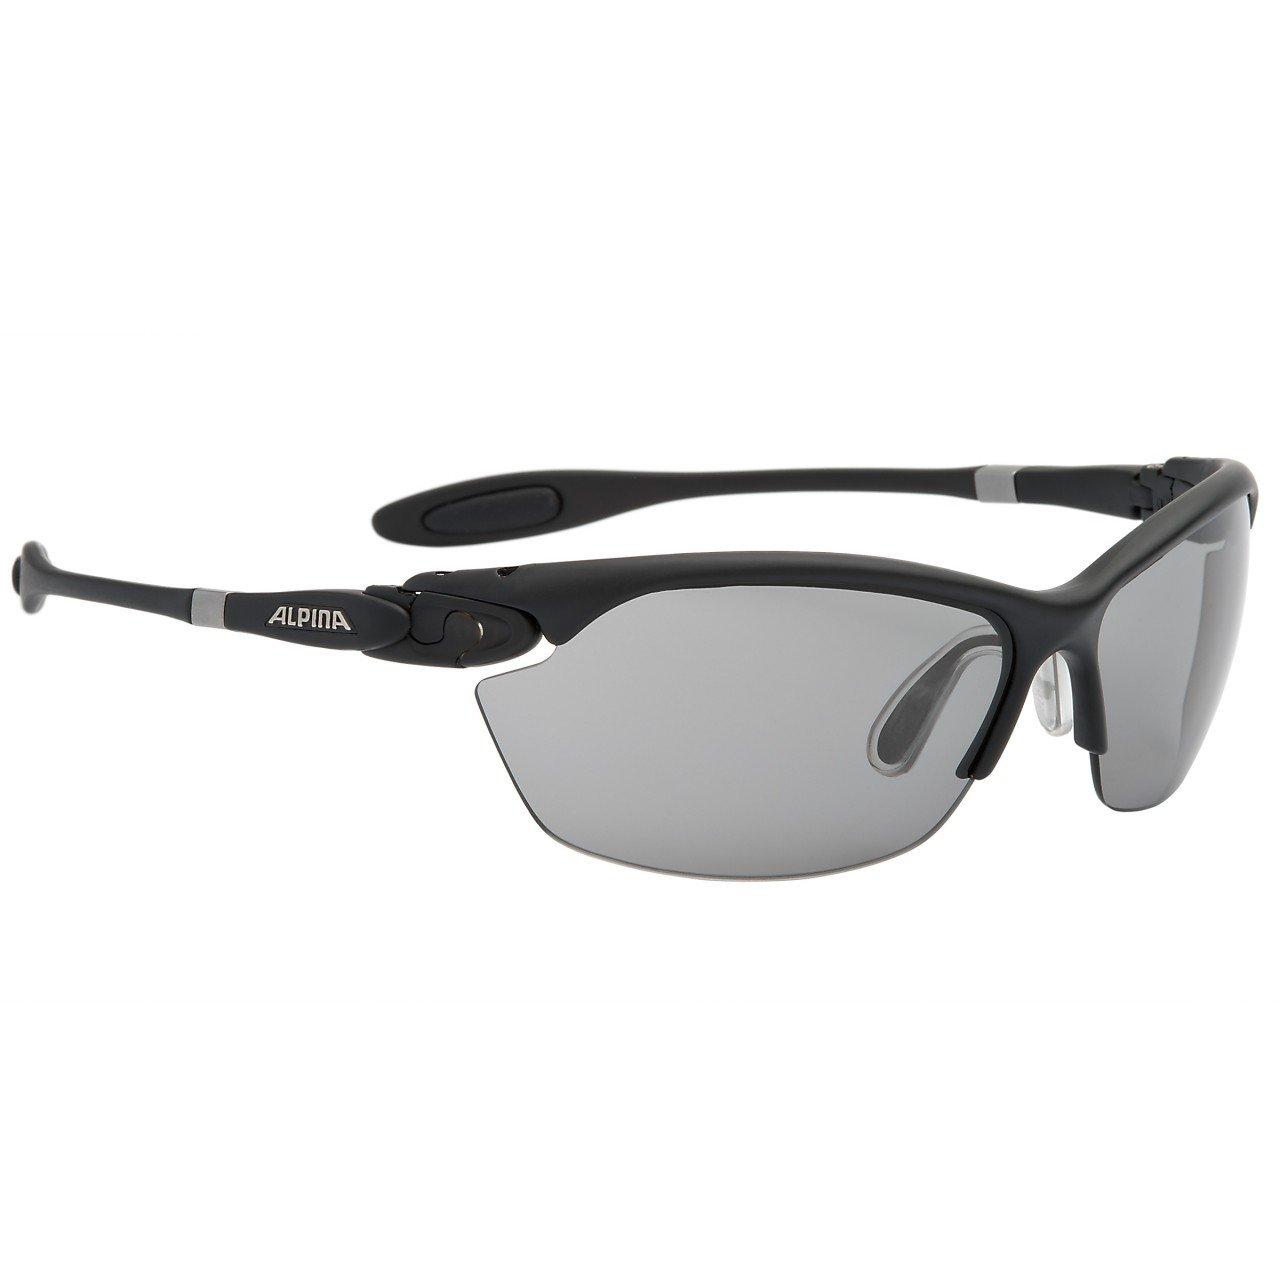 Alpina Sonnenbrille Performance TWIST THREE 2.0 VL Sportbrille, schwarz matt, on